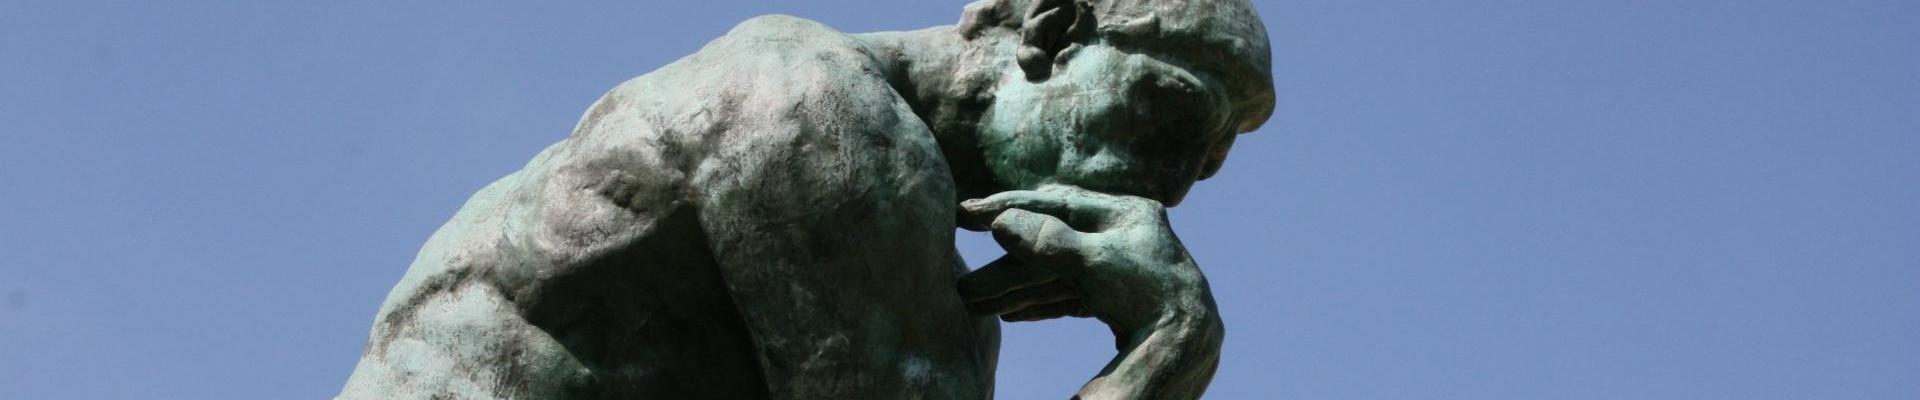 Denker - Rodin